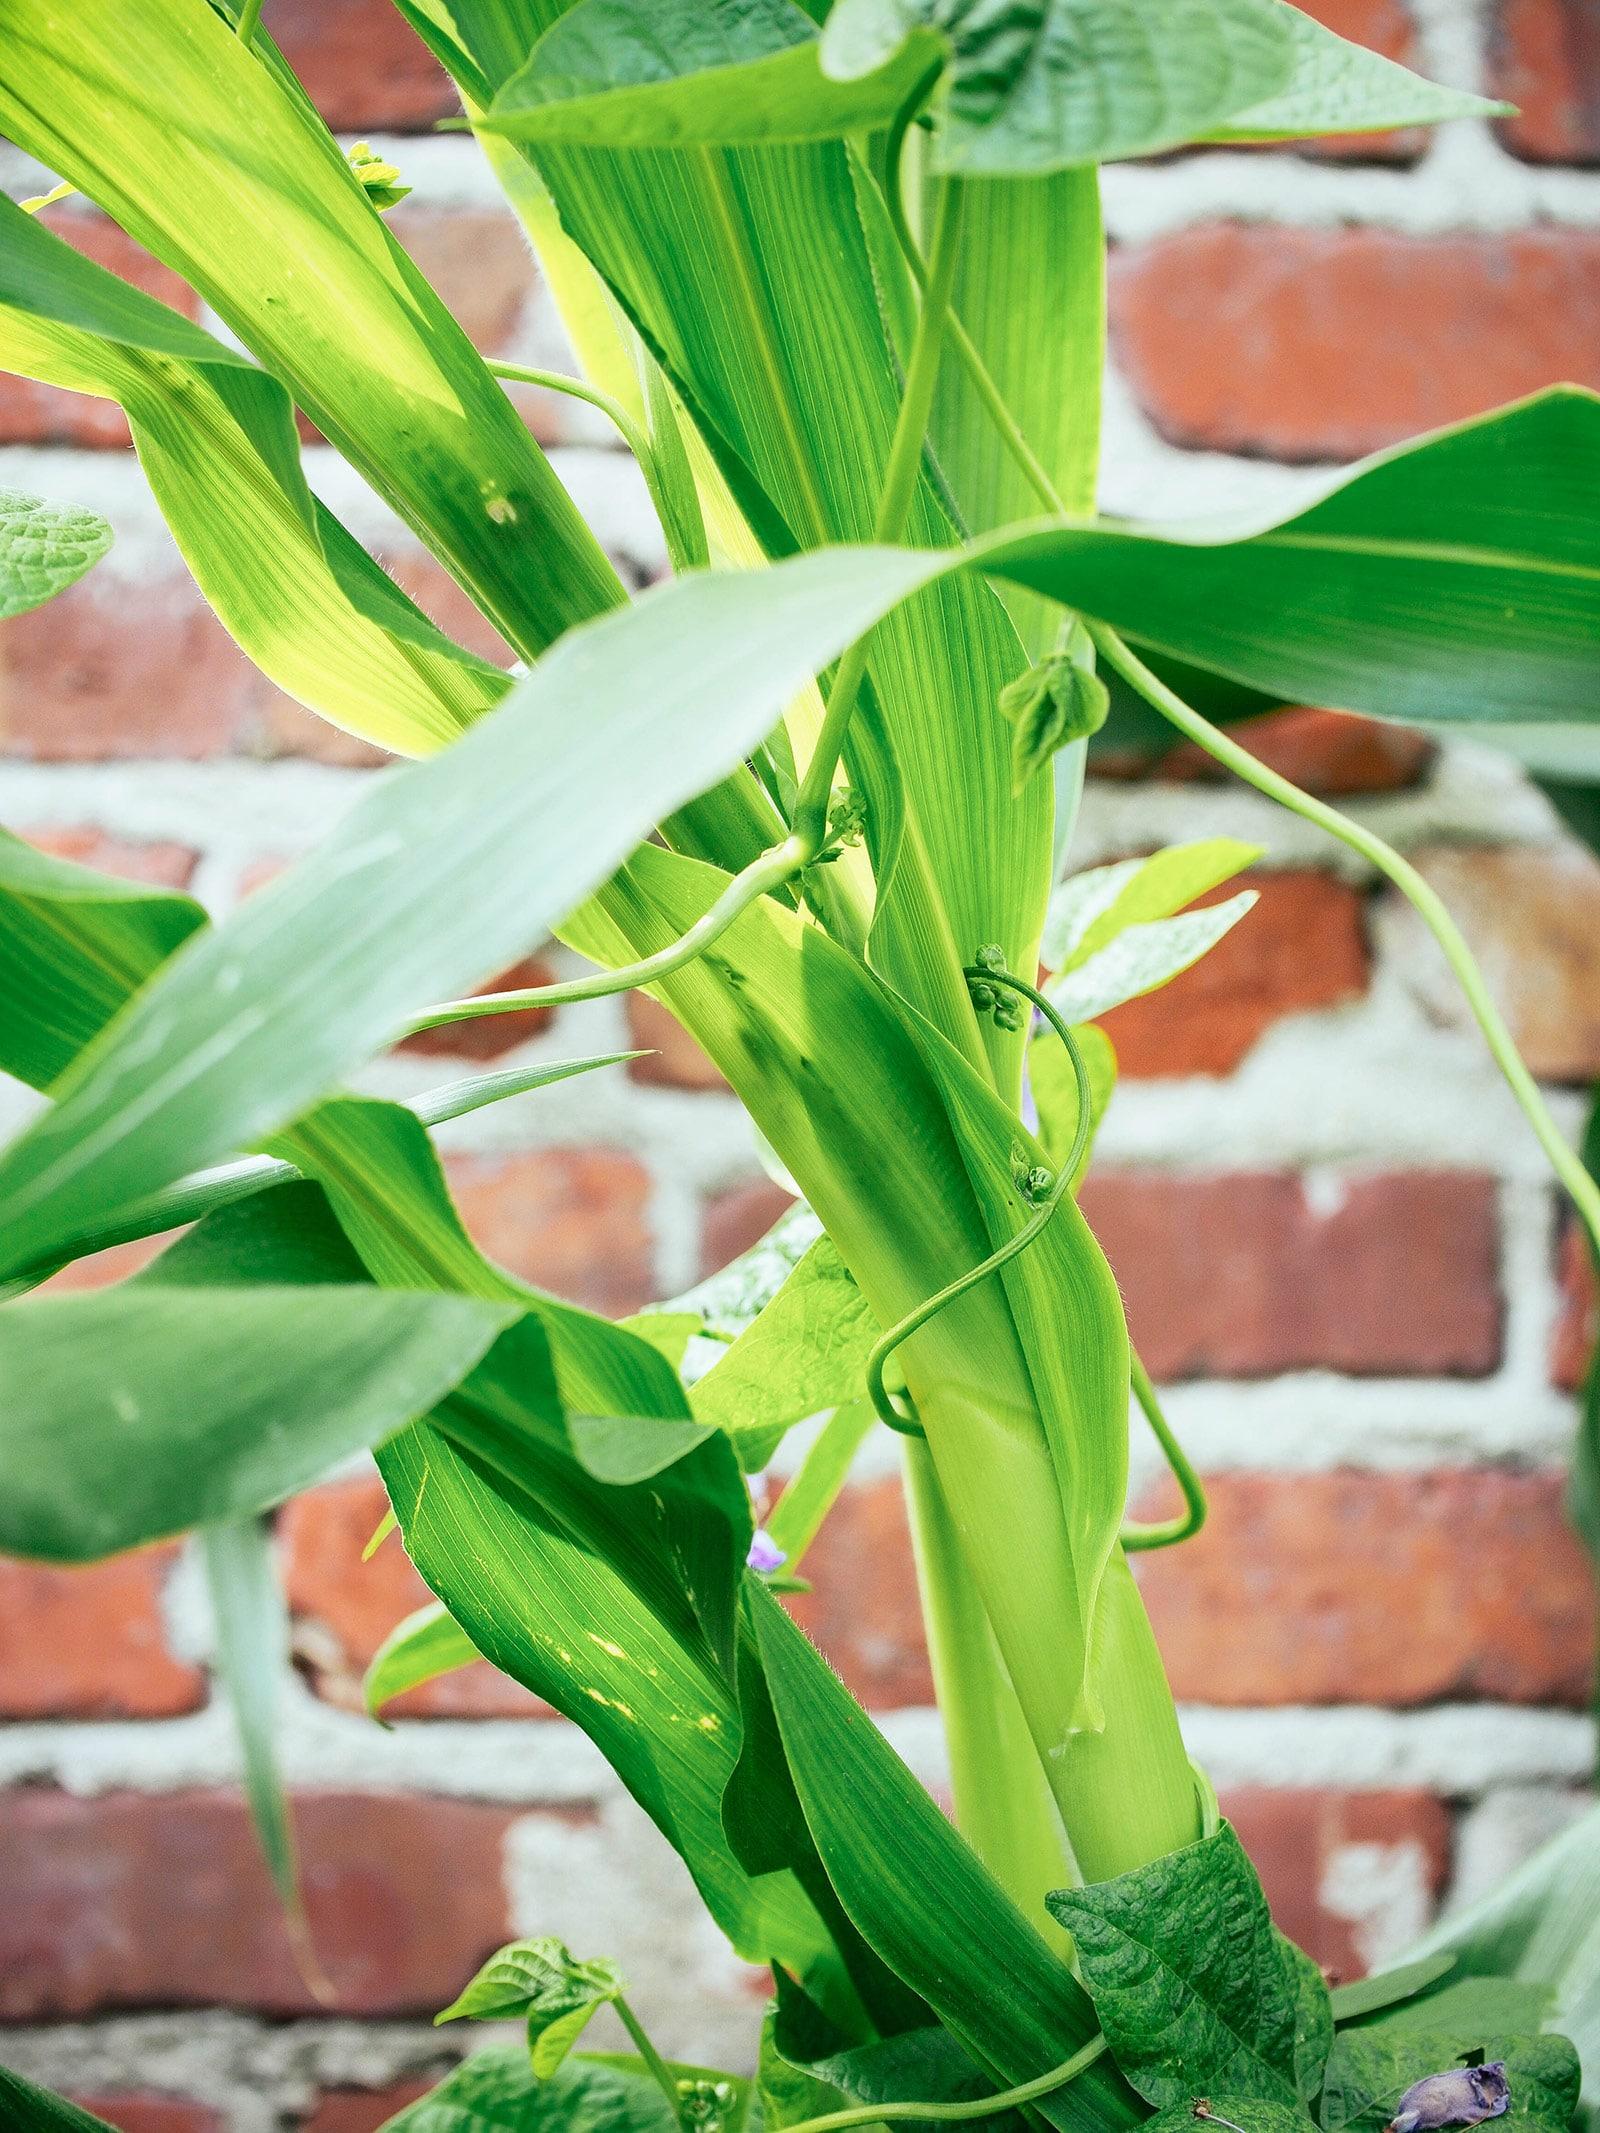 Beans climbing up a corn stalk